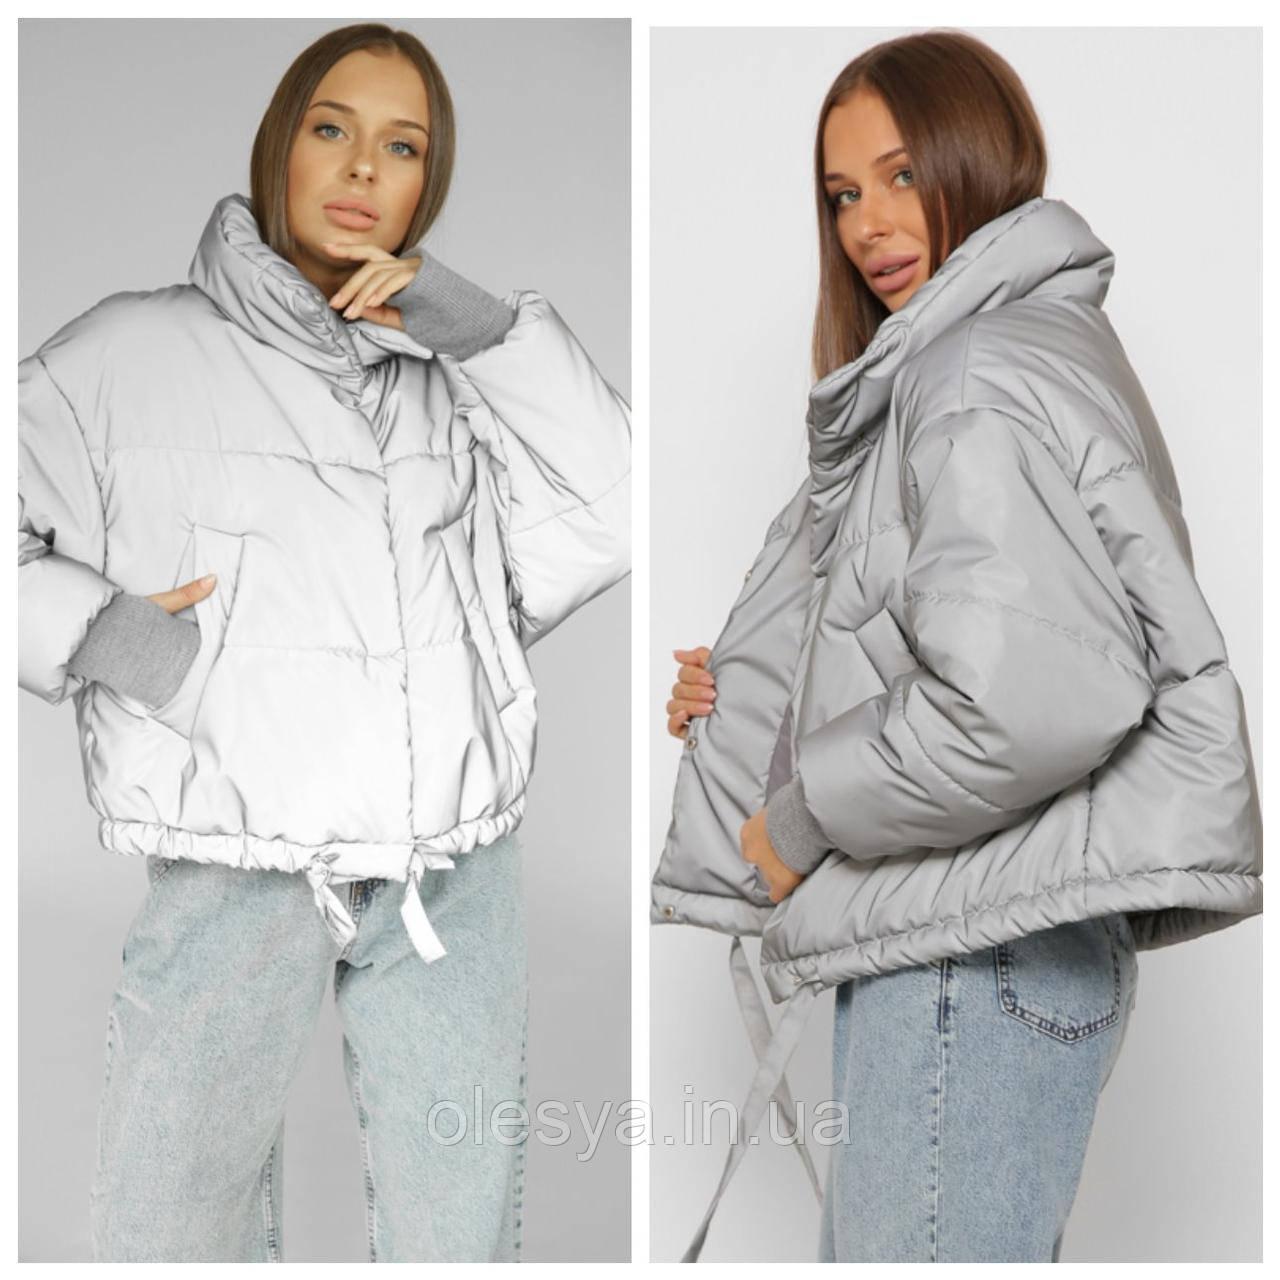 Ультрамодная светоотражающая женская куртка X-Woyz 8875 размеры 42- 48 Хит продаж